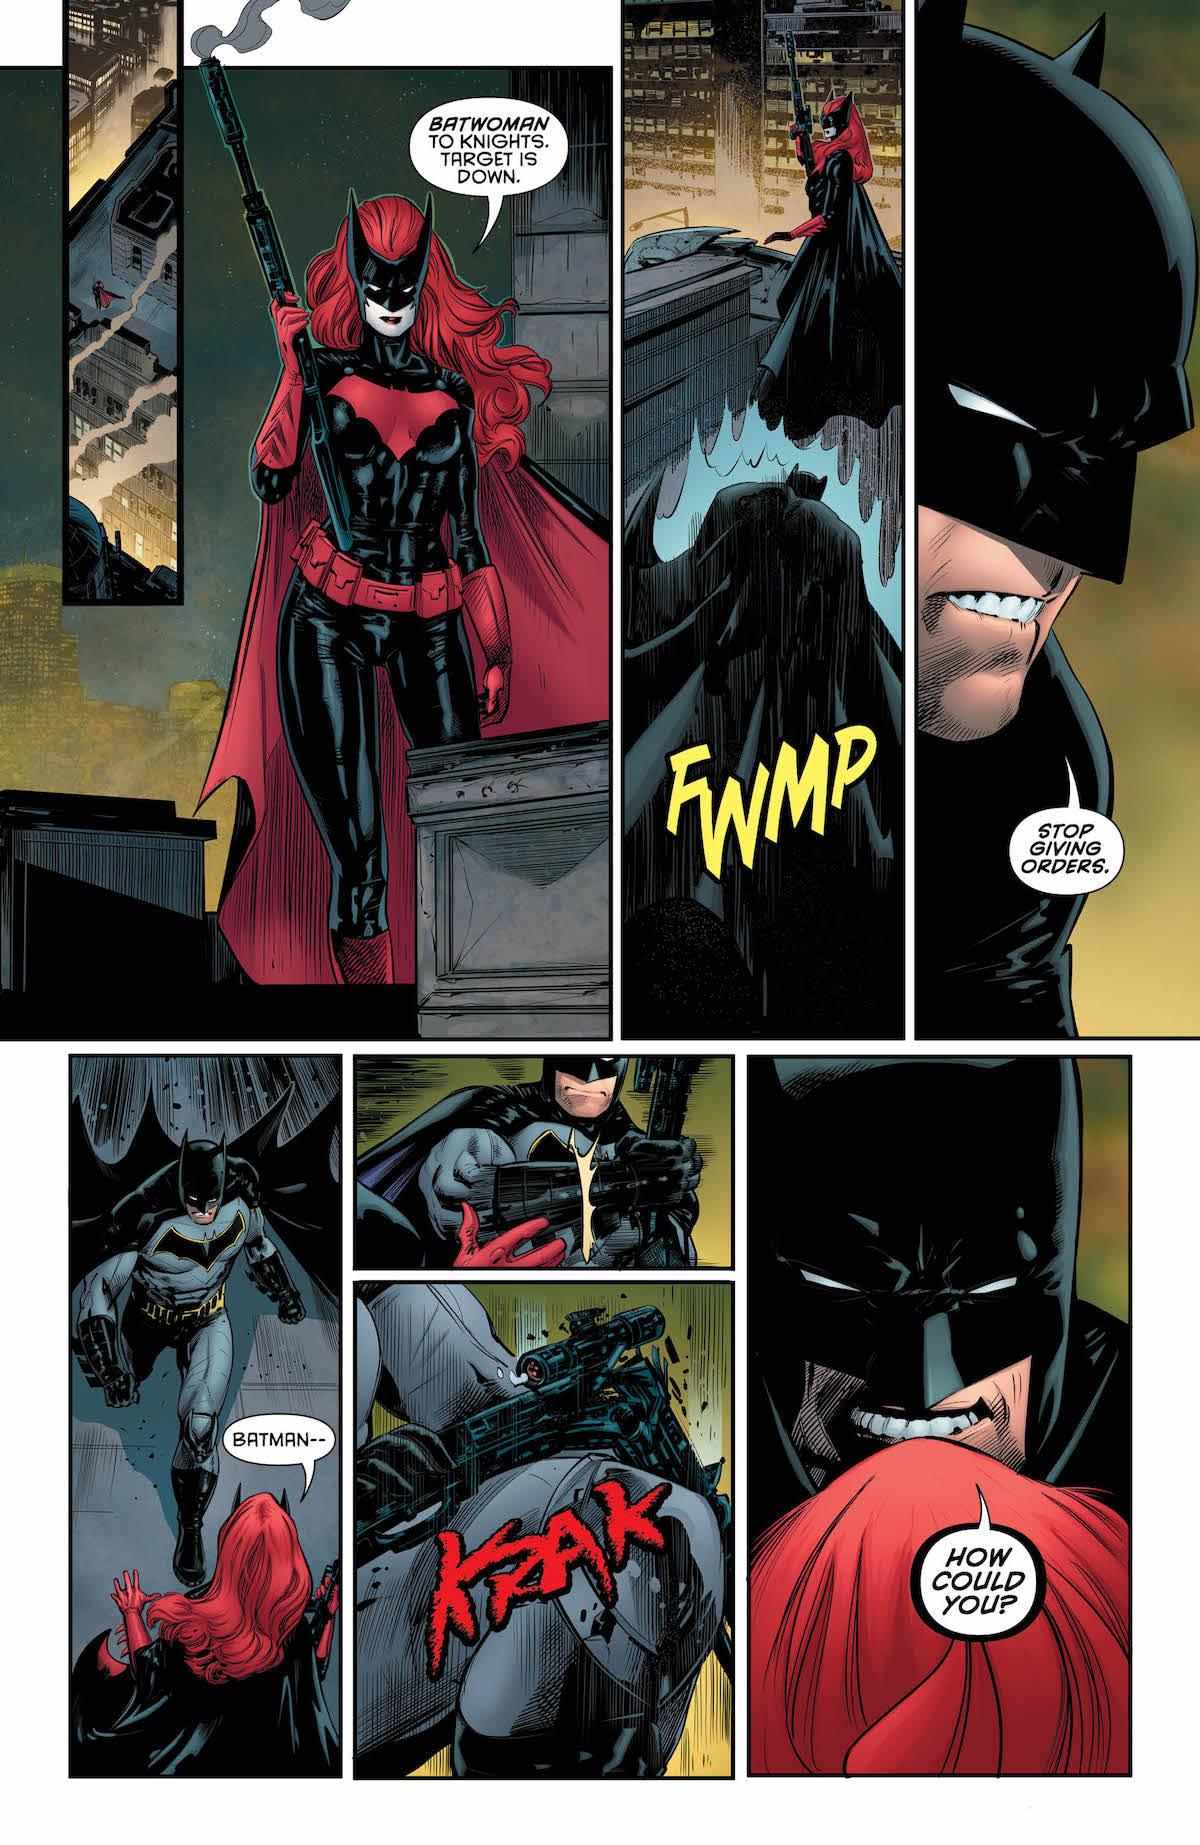 Batman: Detective Comics #974 interior page